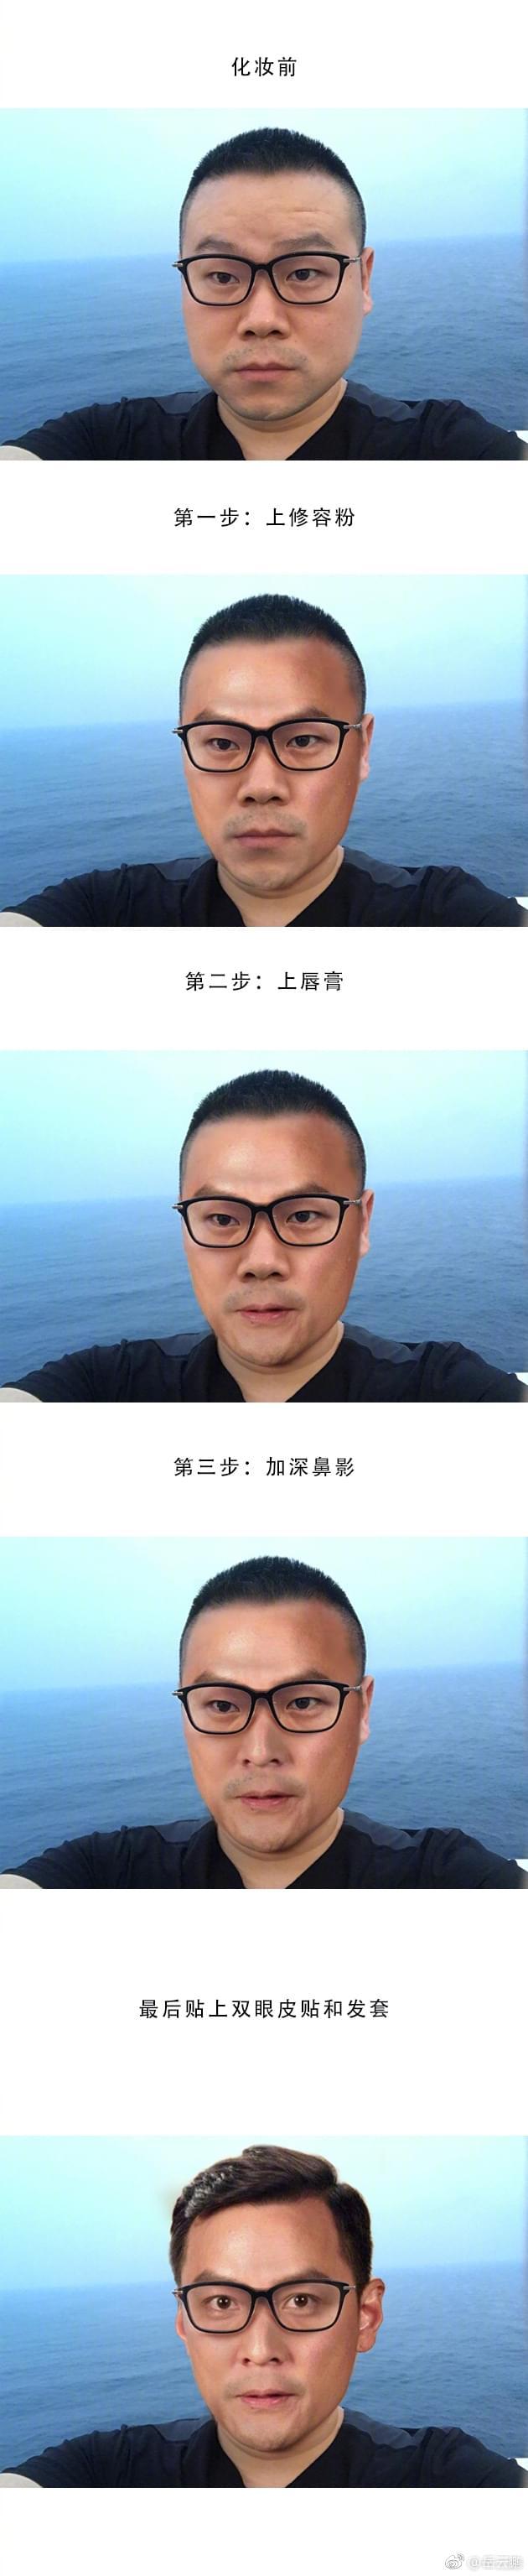 (岳云鹏:眼都快瞎了做的图)